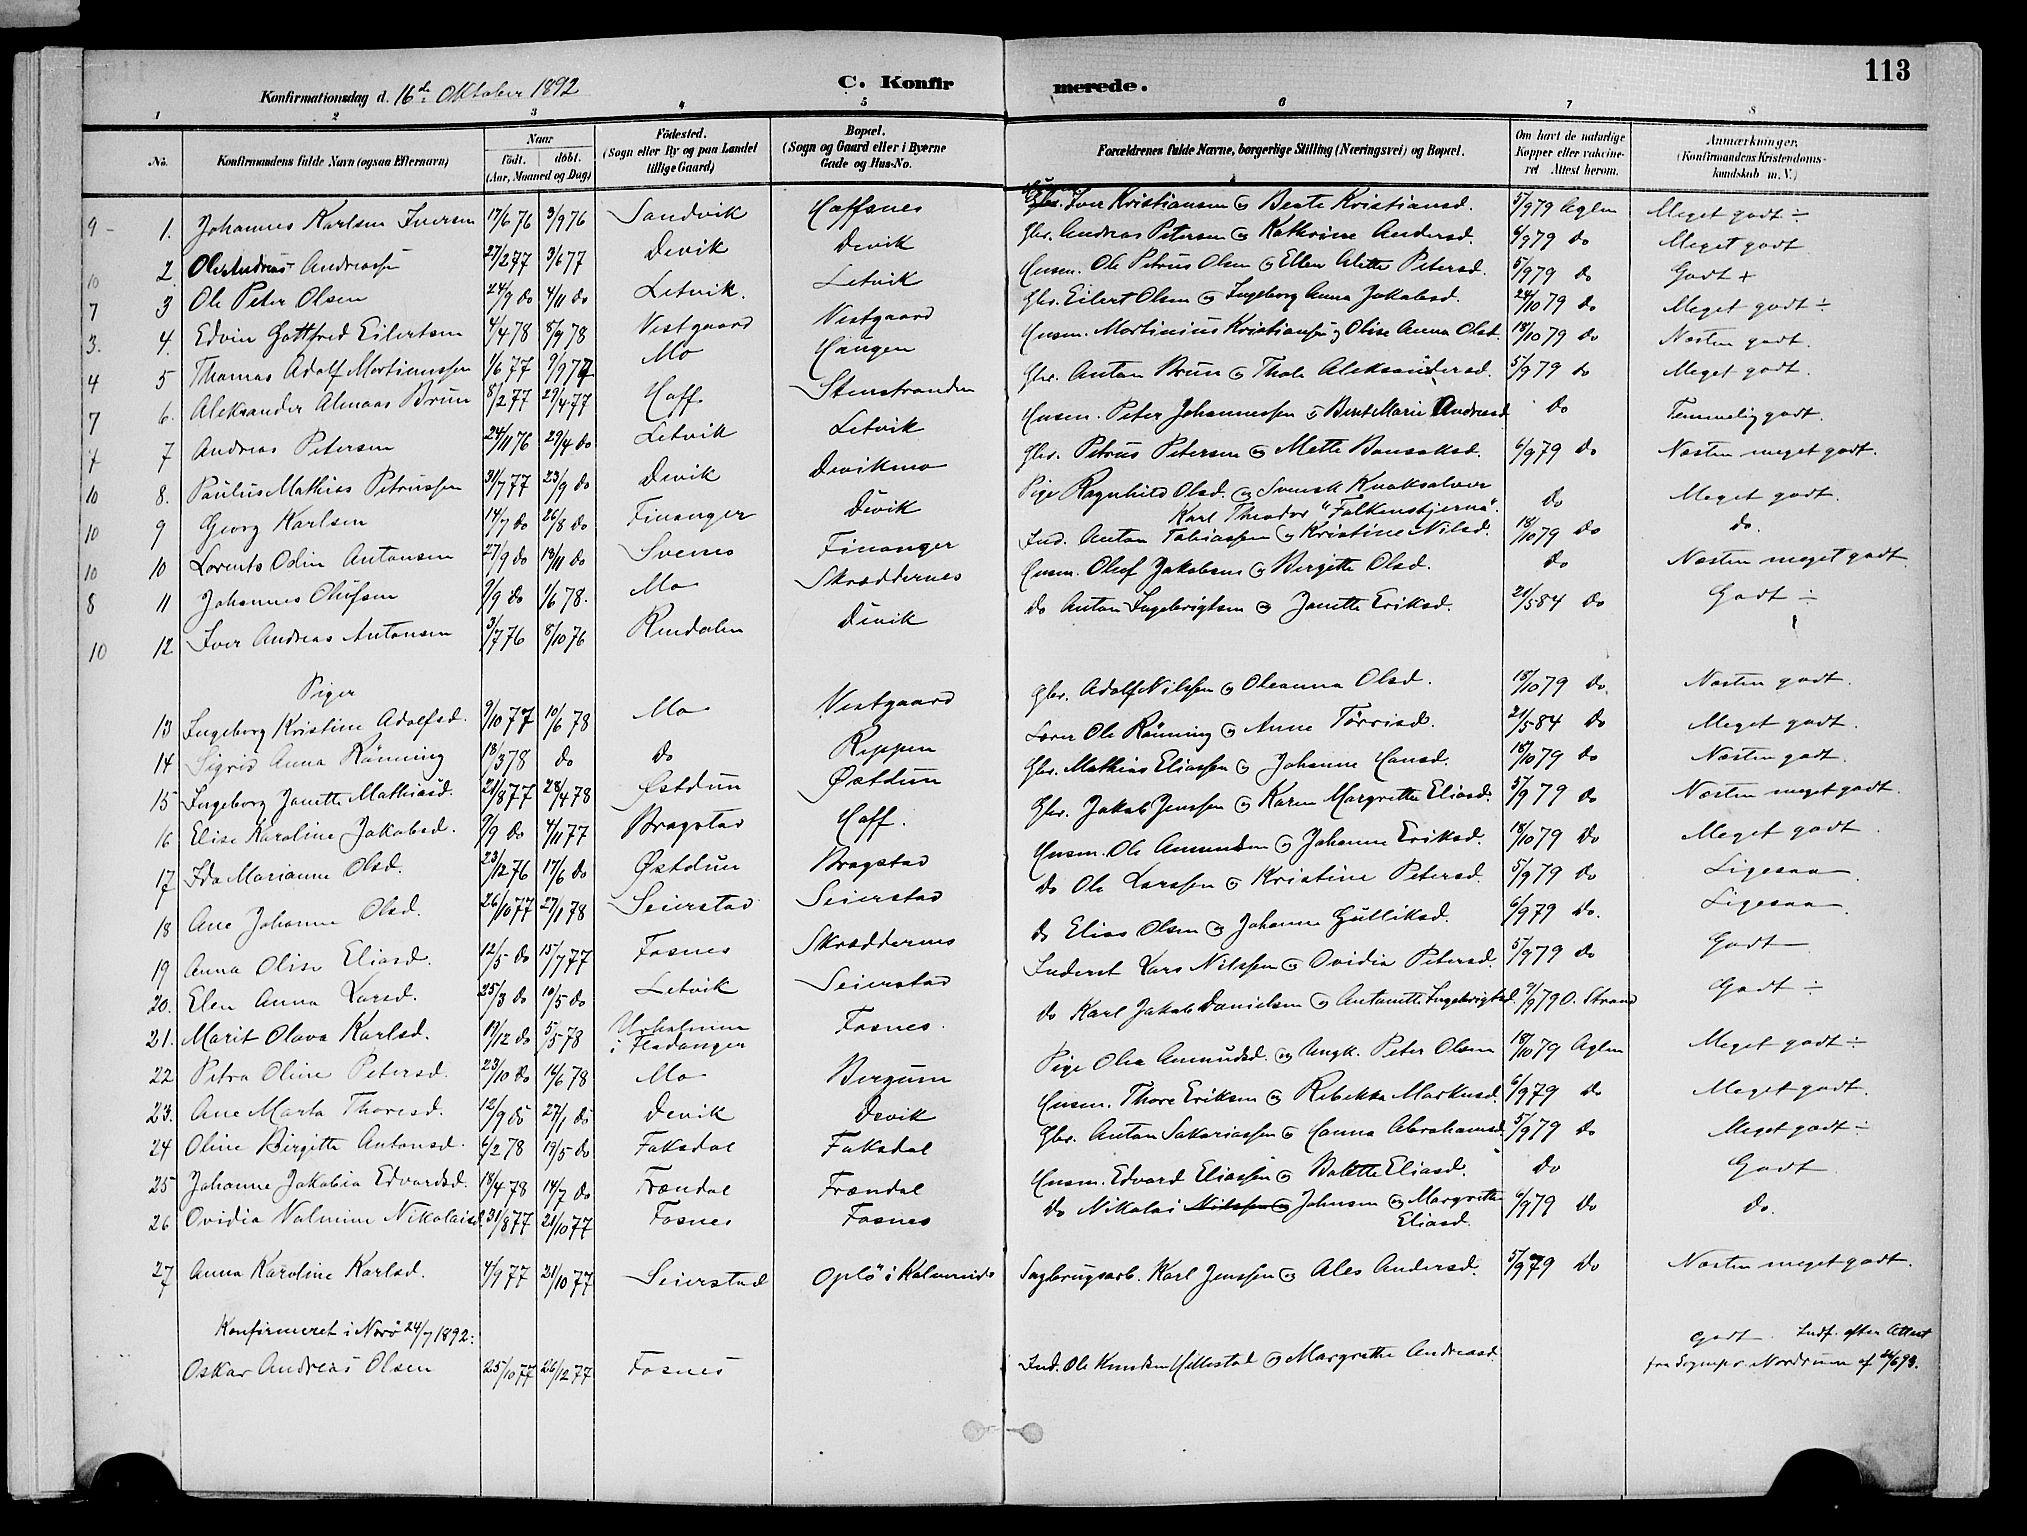 SAT, Ministerialprotokoller, klokkerbøker og fødselsregistre - Nord-Trøndelag, 773/L0617: Ministerialbok nr. 773A08, 1887-1910, s. 113